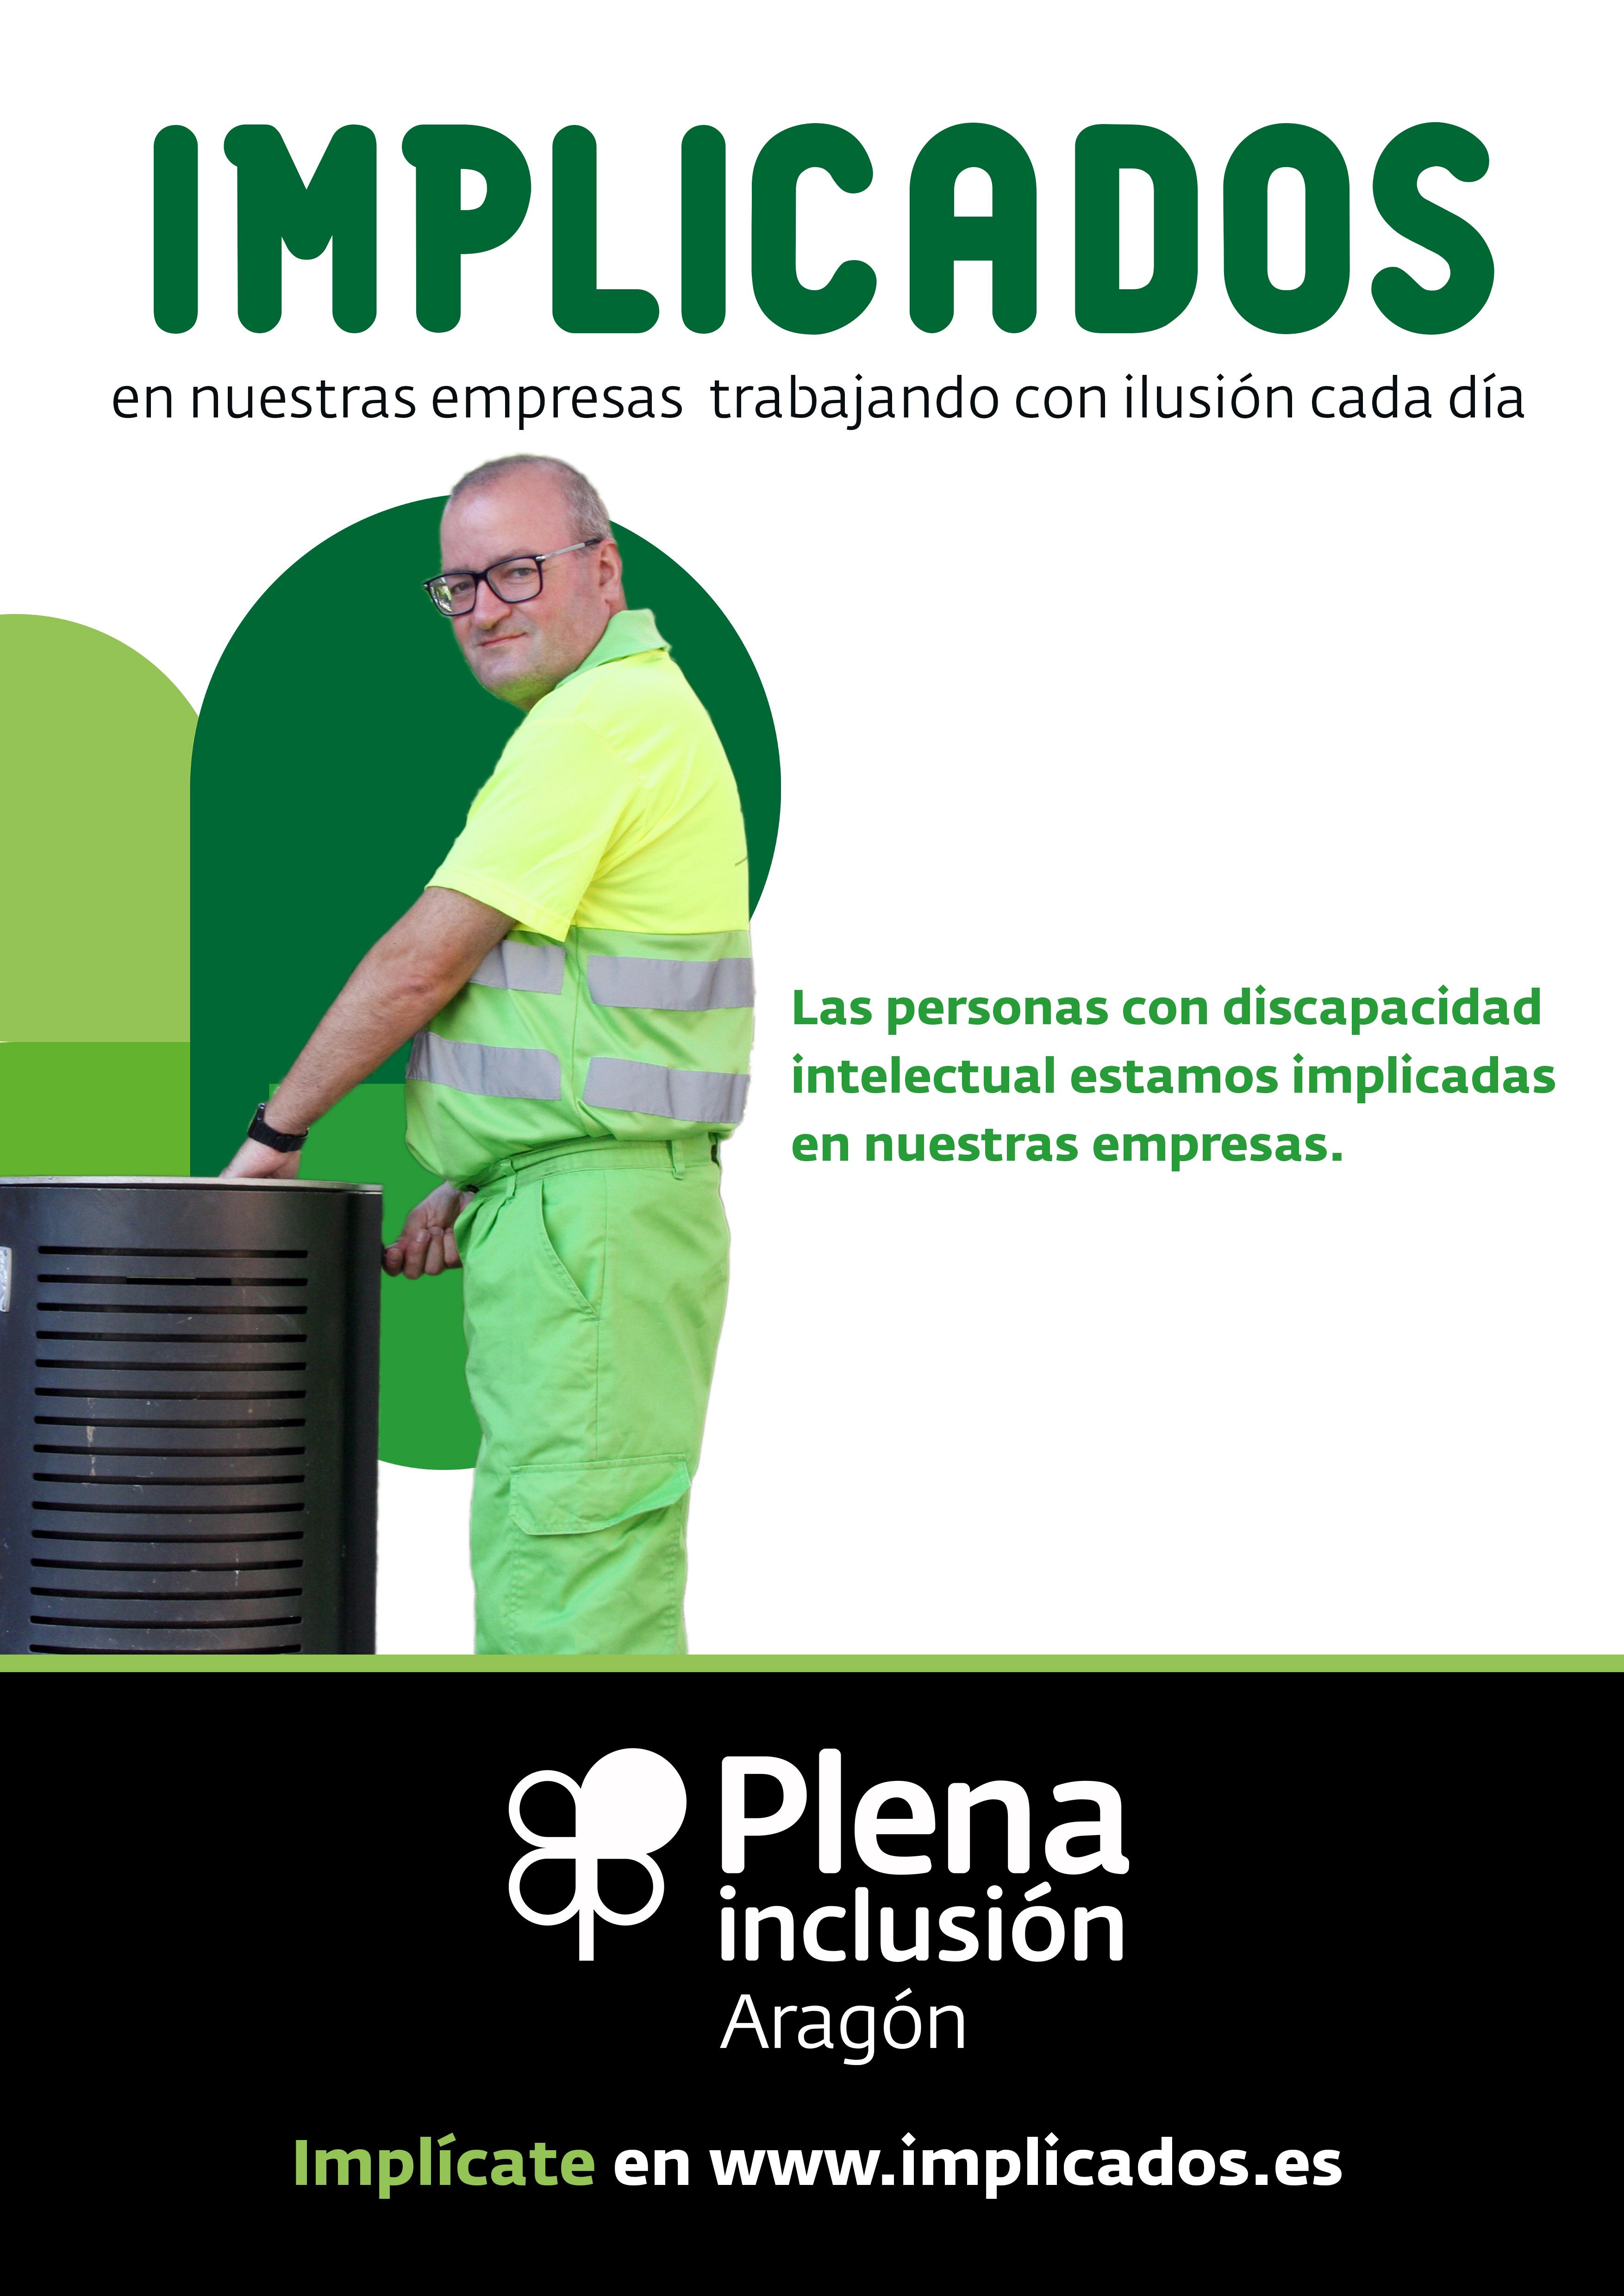 implicados_empleo_a3